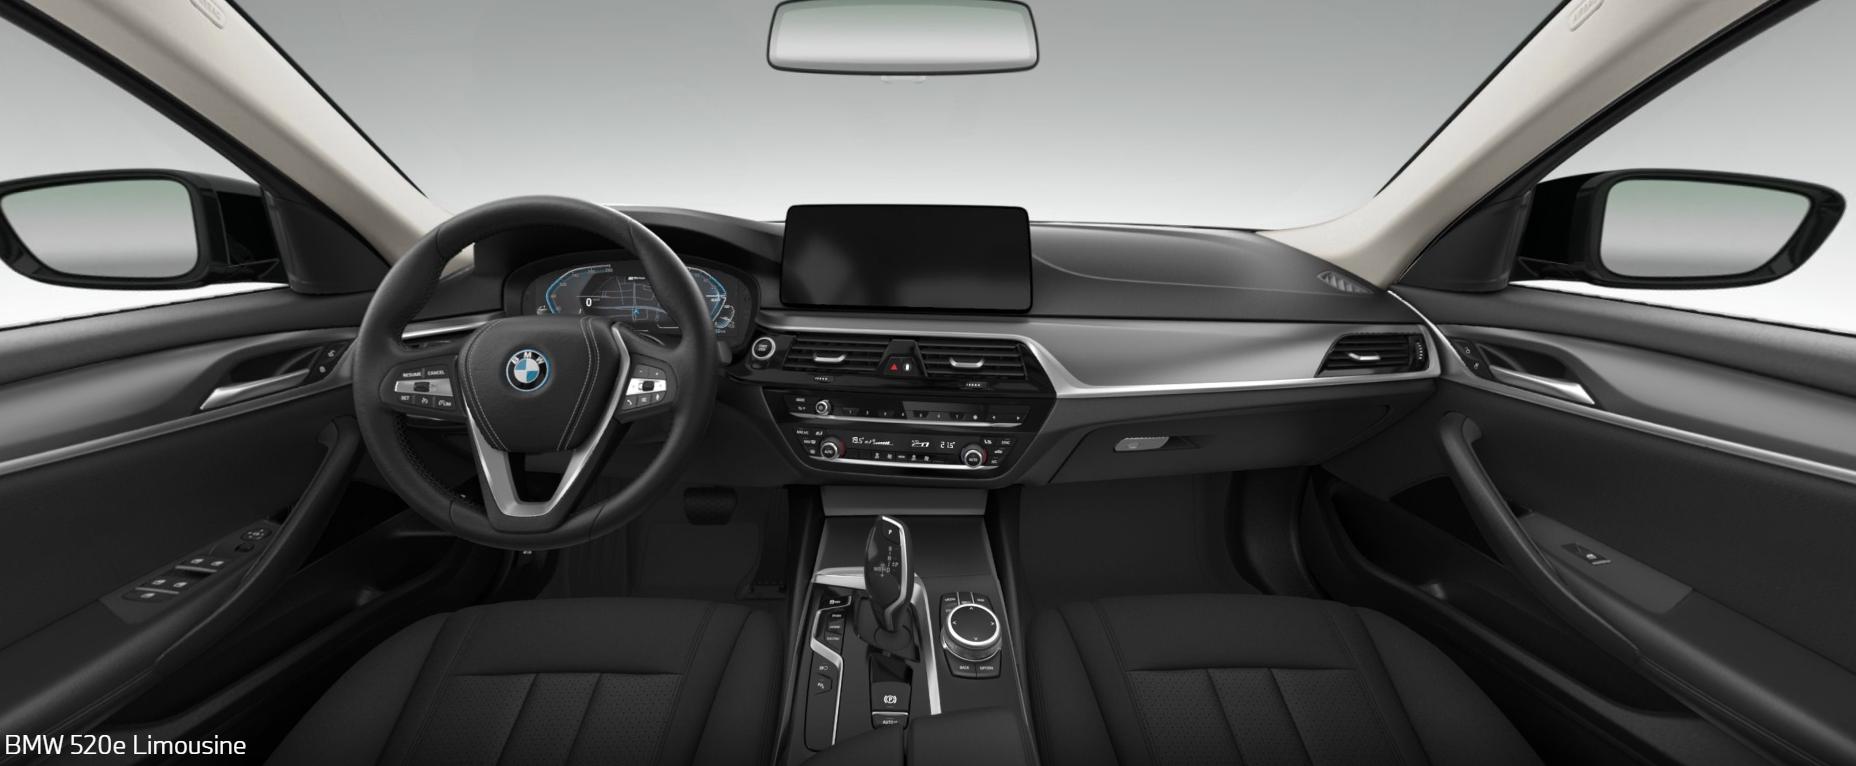 THE 5 – BMW 520e Limousine